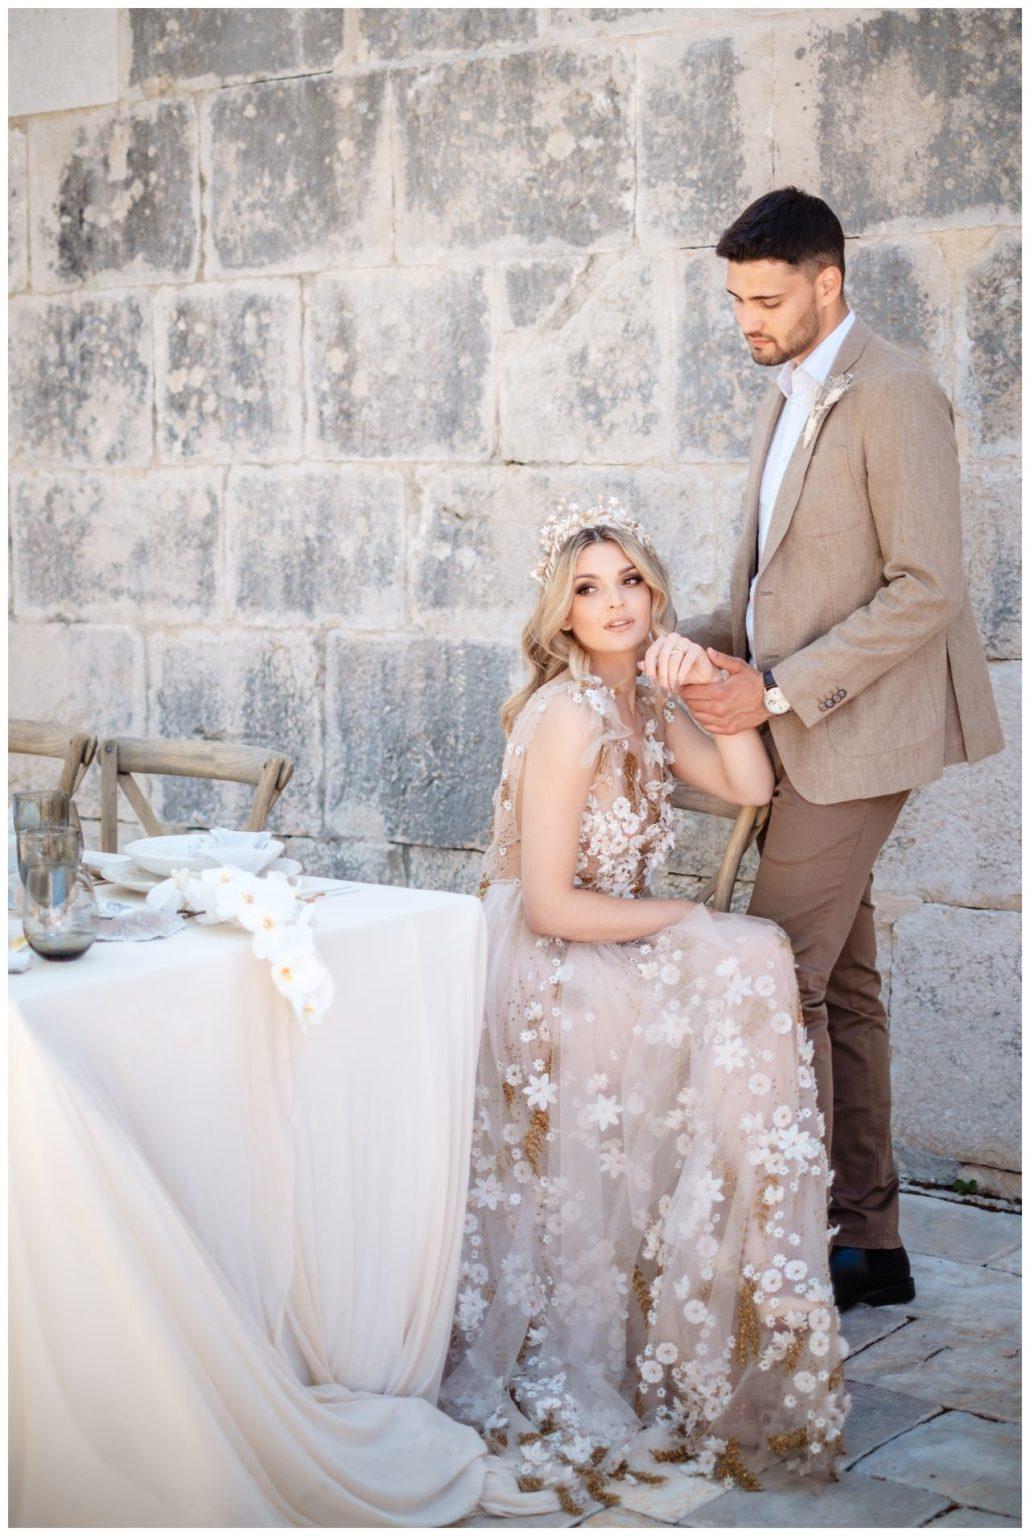 Hochzeit Kroatien Planung Hochzeitsplaner Trockenblumen Fotograf 26 - Natürliche Hochzeit mit Trockenblumen